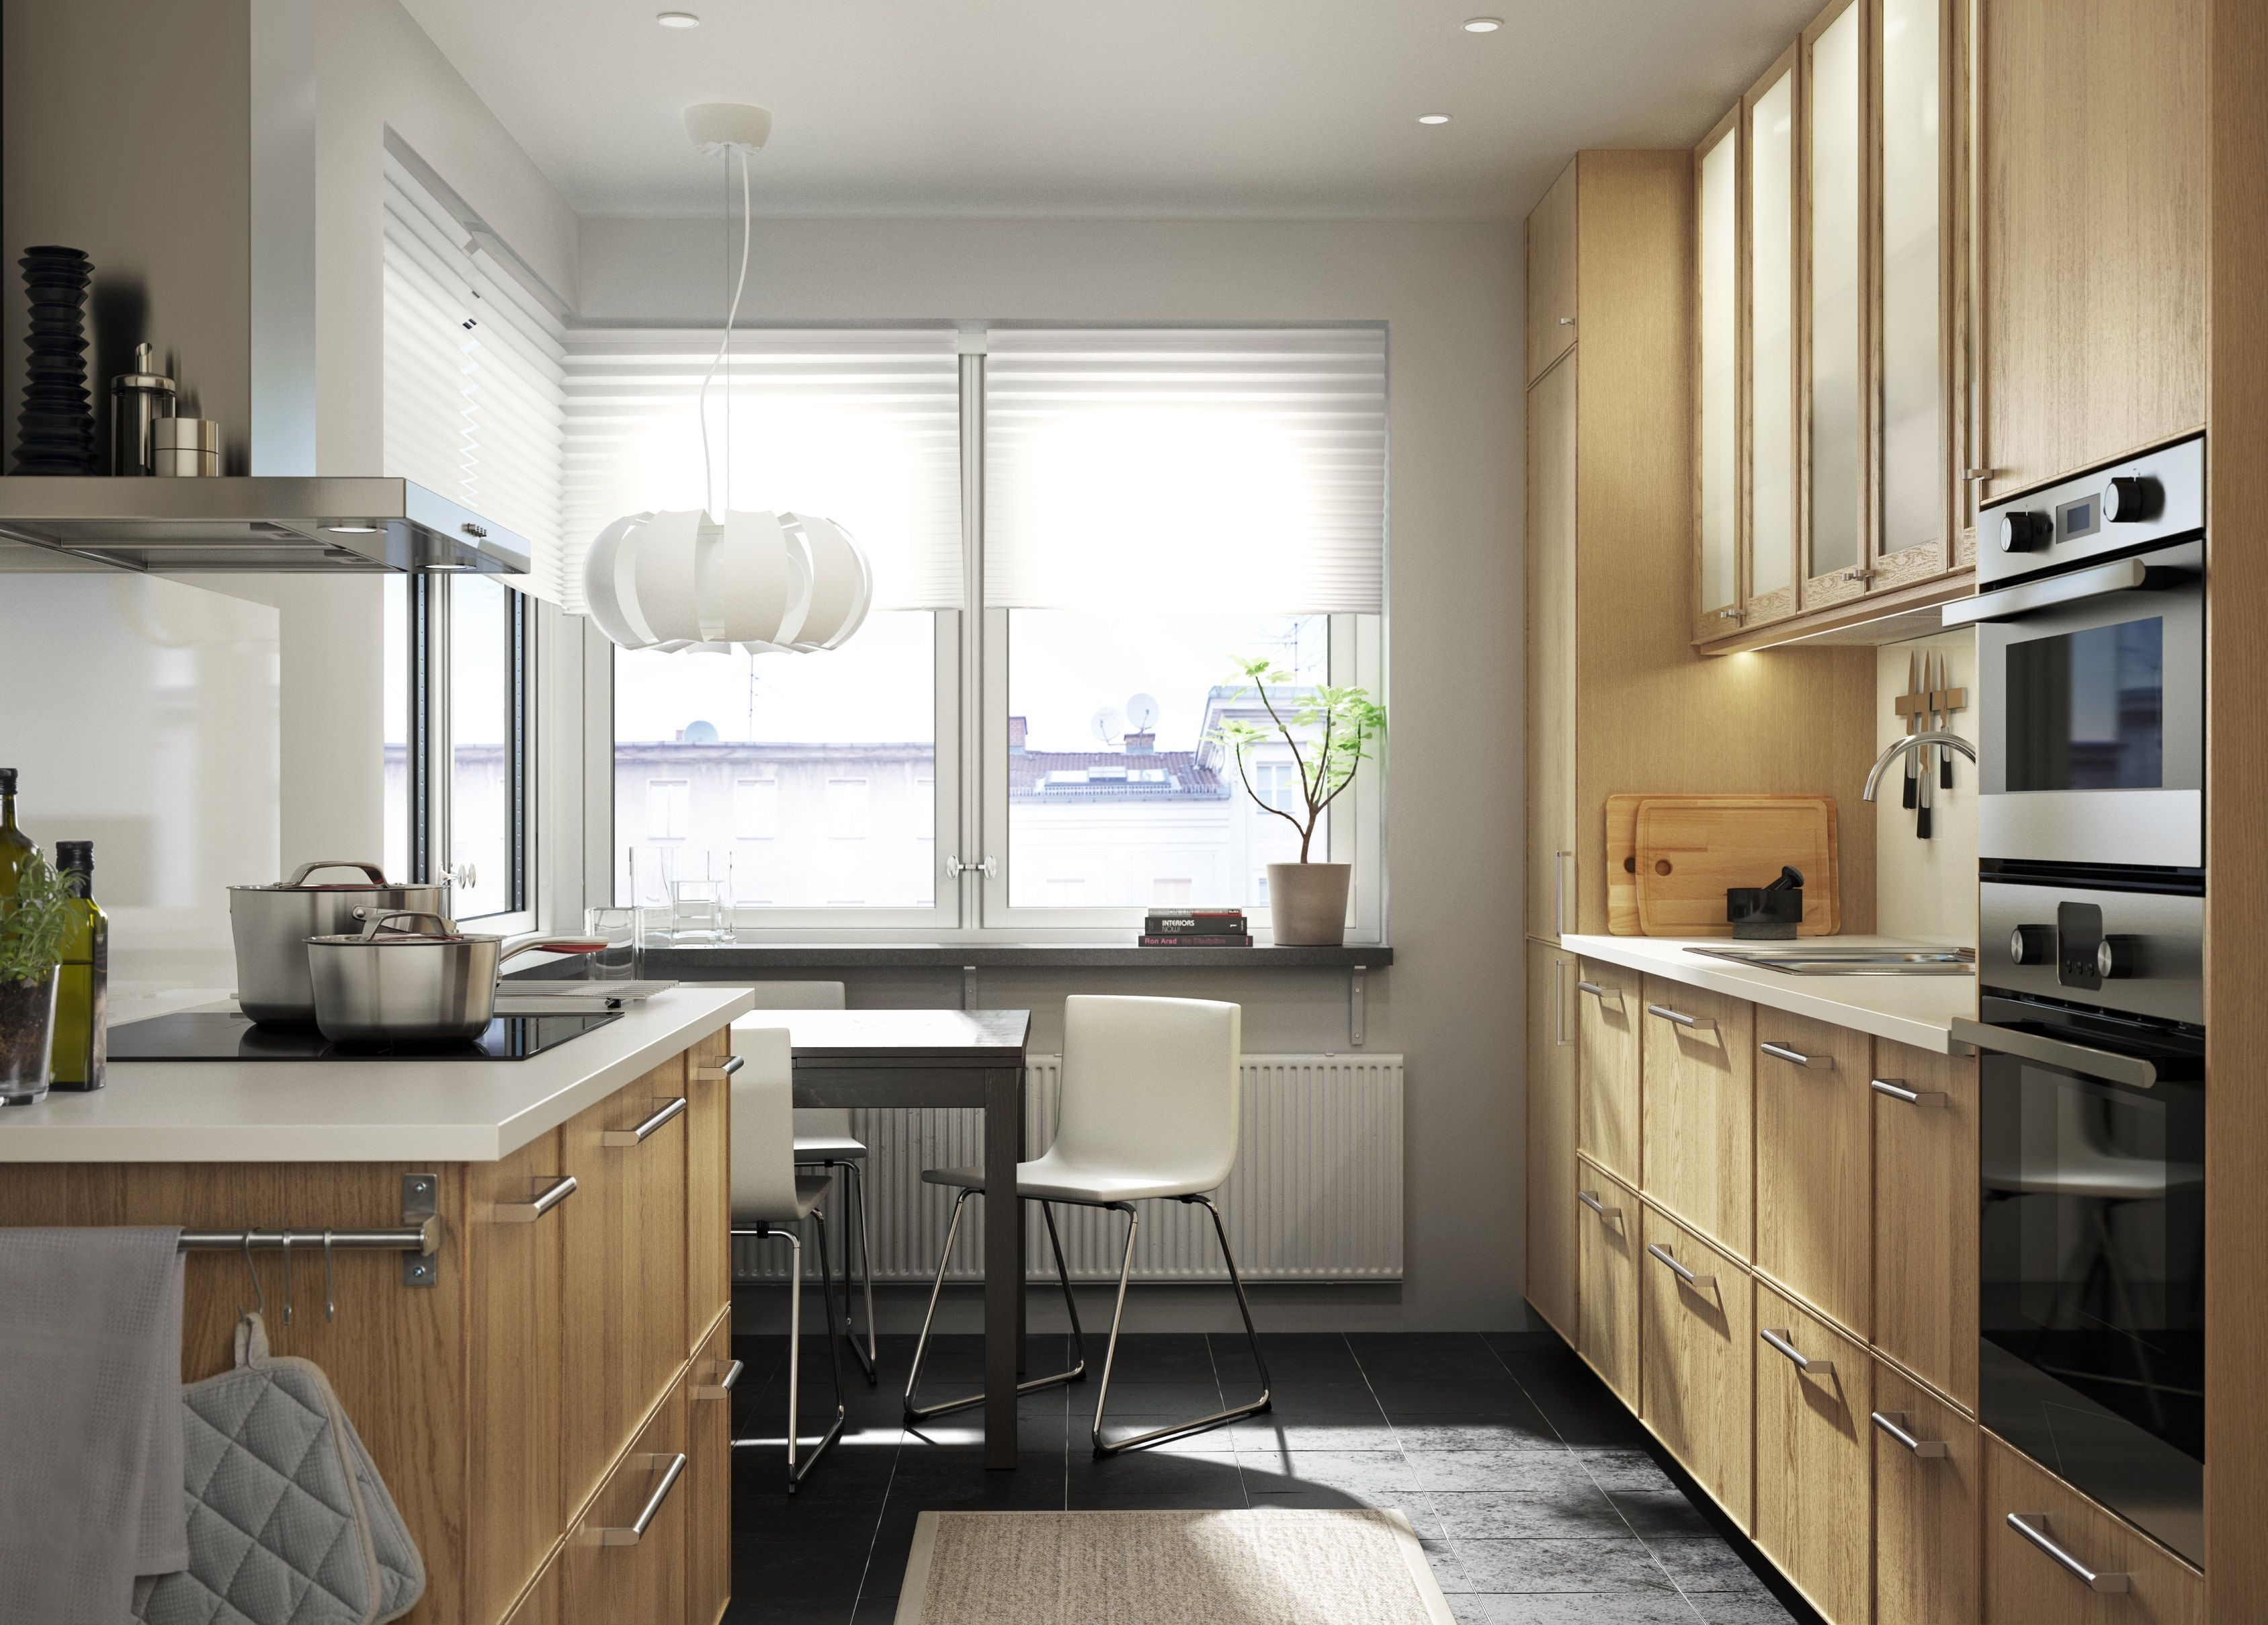 Metod Keuken Ikea : Metod keuken ikea ikeanl warm hout keukensysteem ekestad